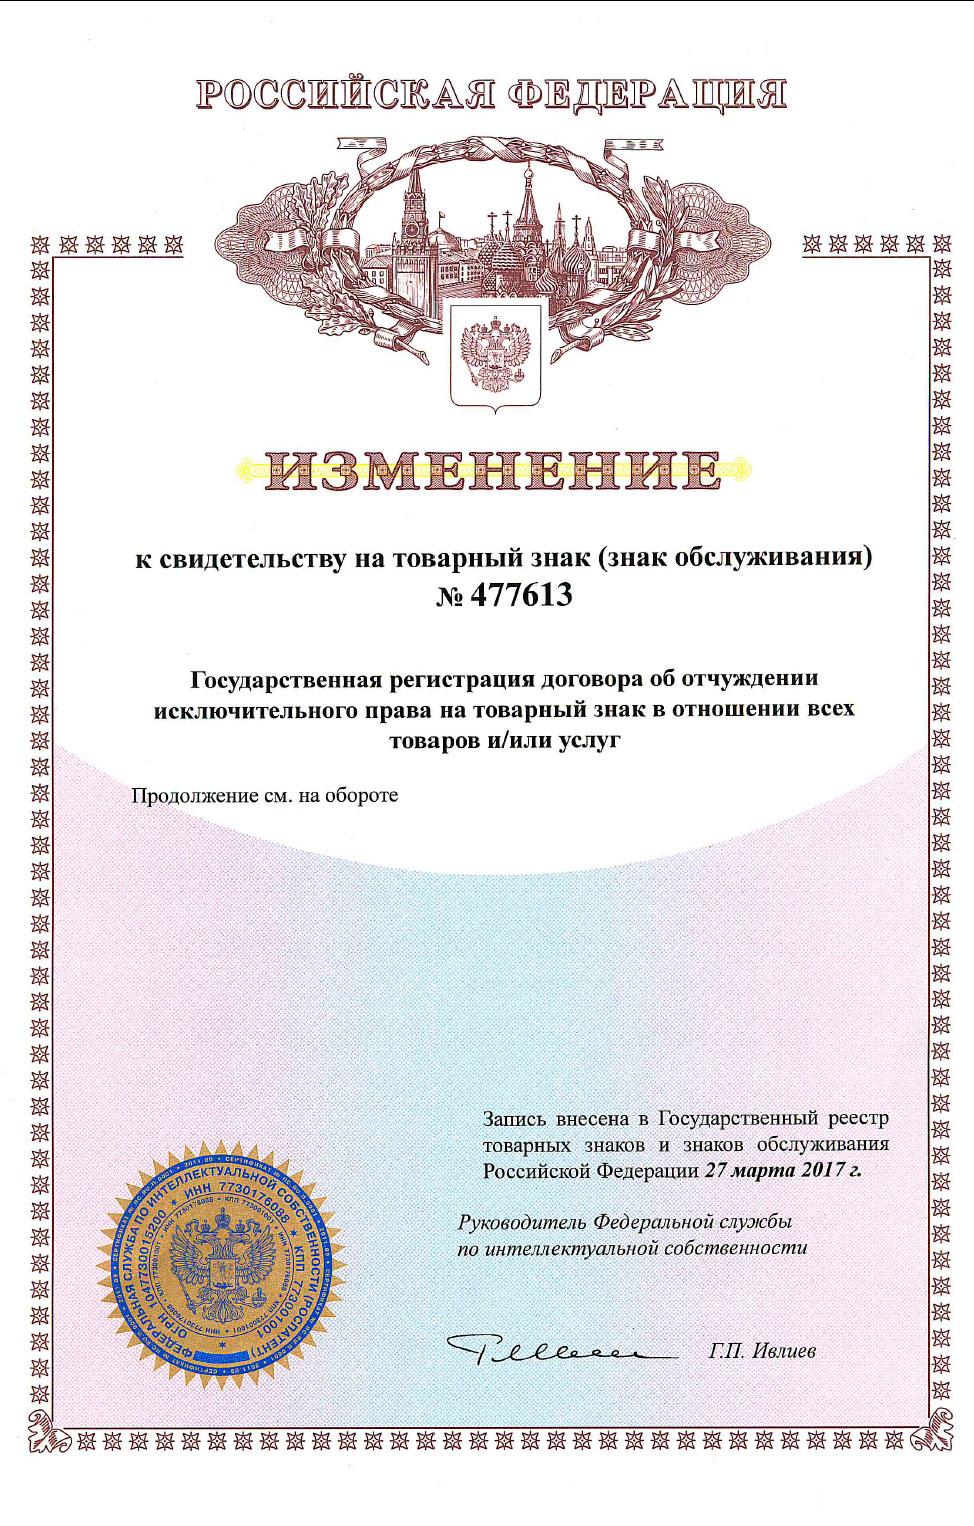 Регистрация договора отчуждения